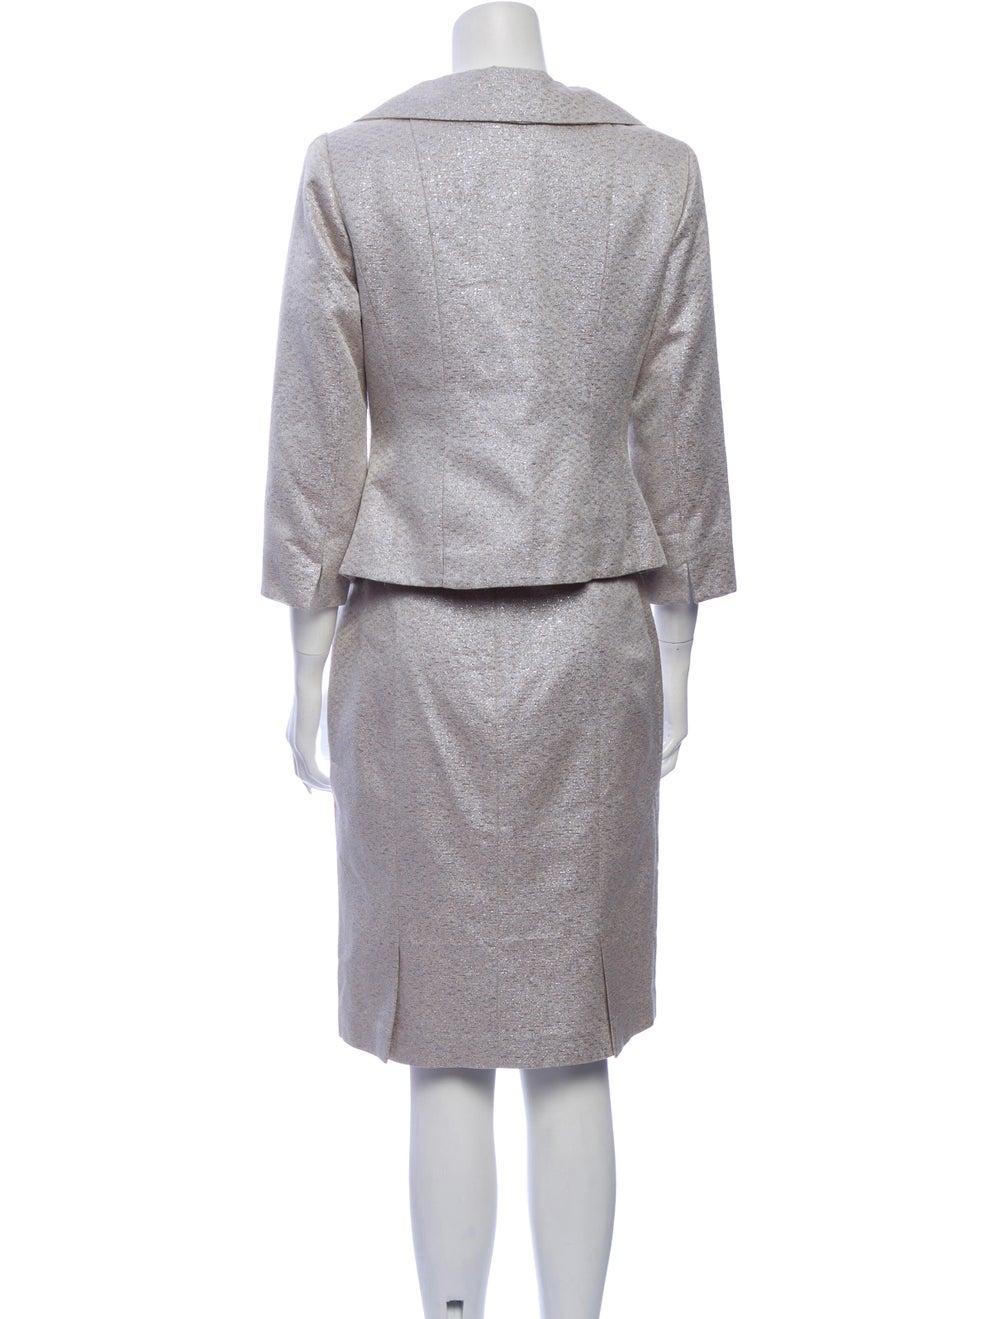 Kay Unger Skirt Set Metallic - image 3